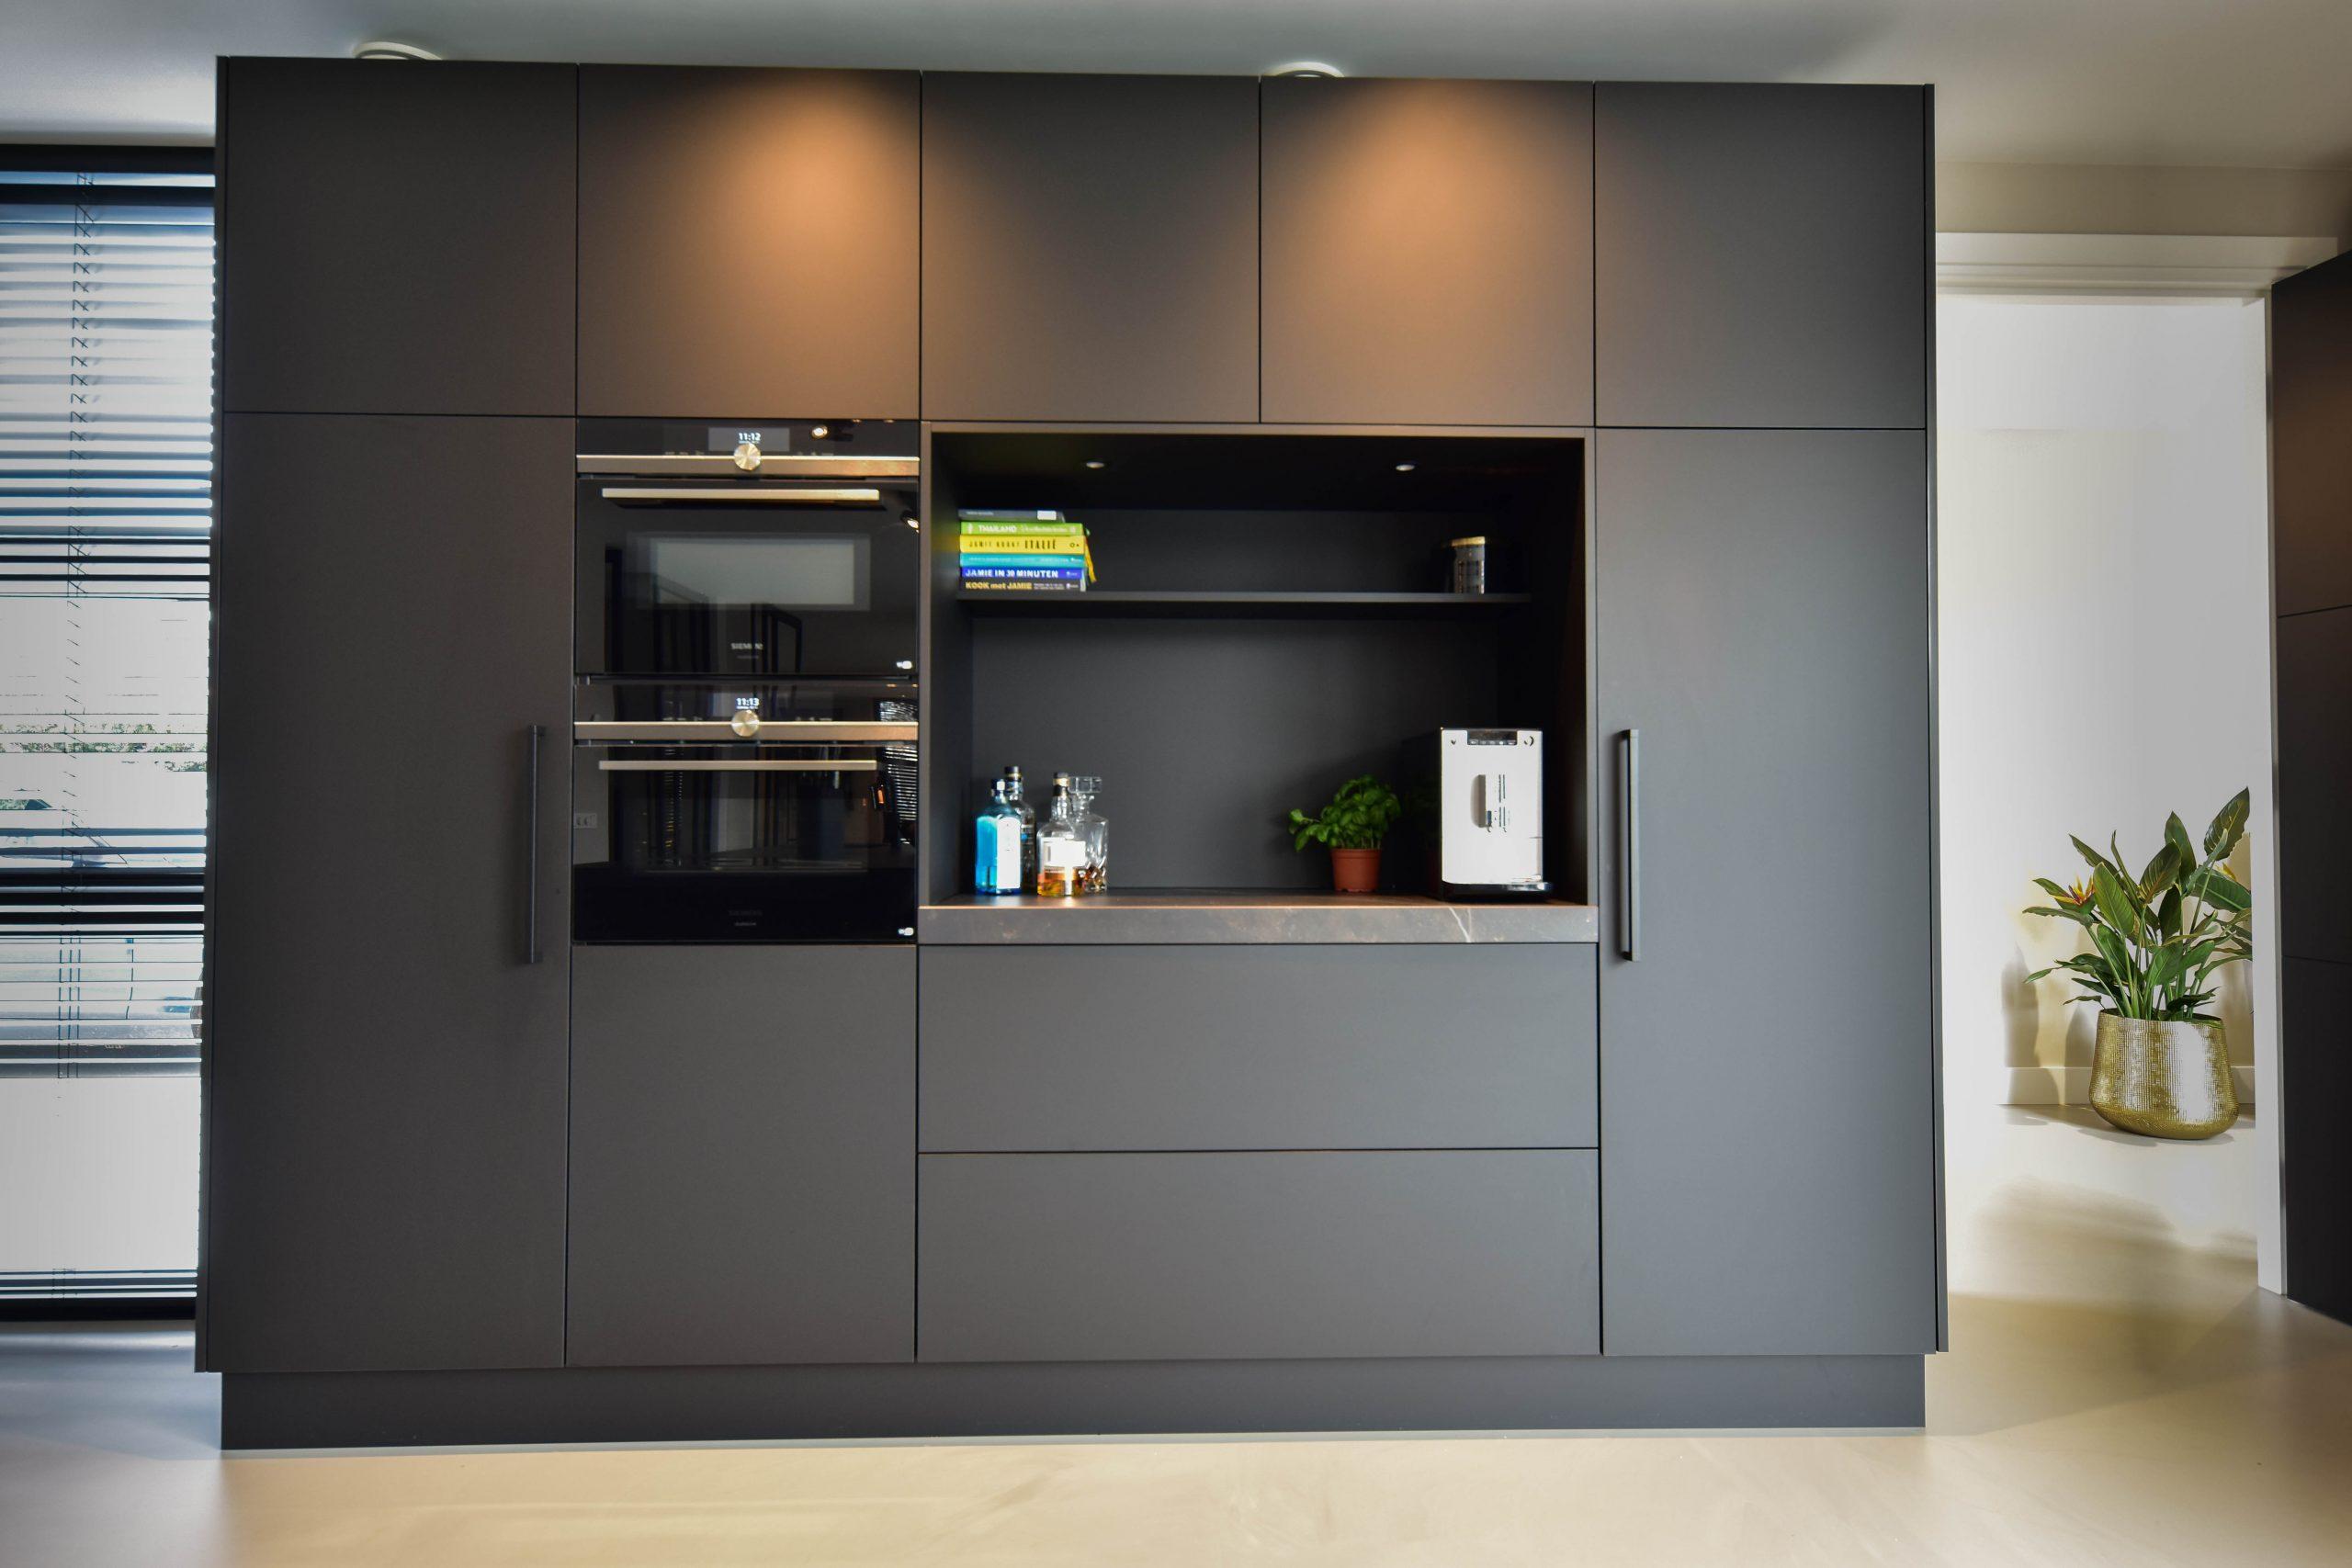 Apparatenwand keuken - Lemmens interieurs